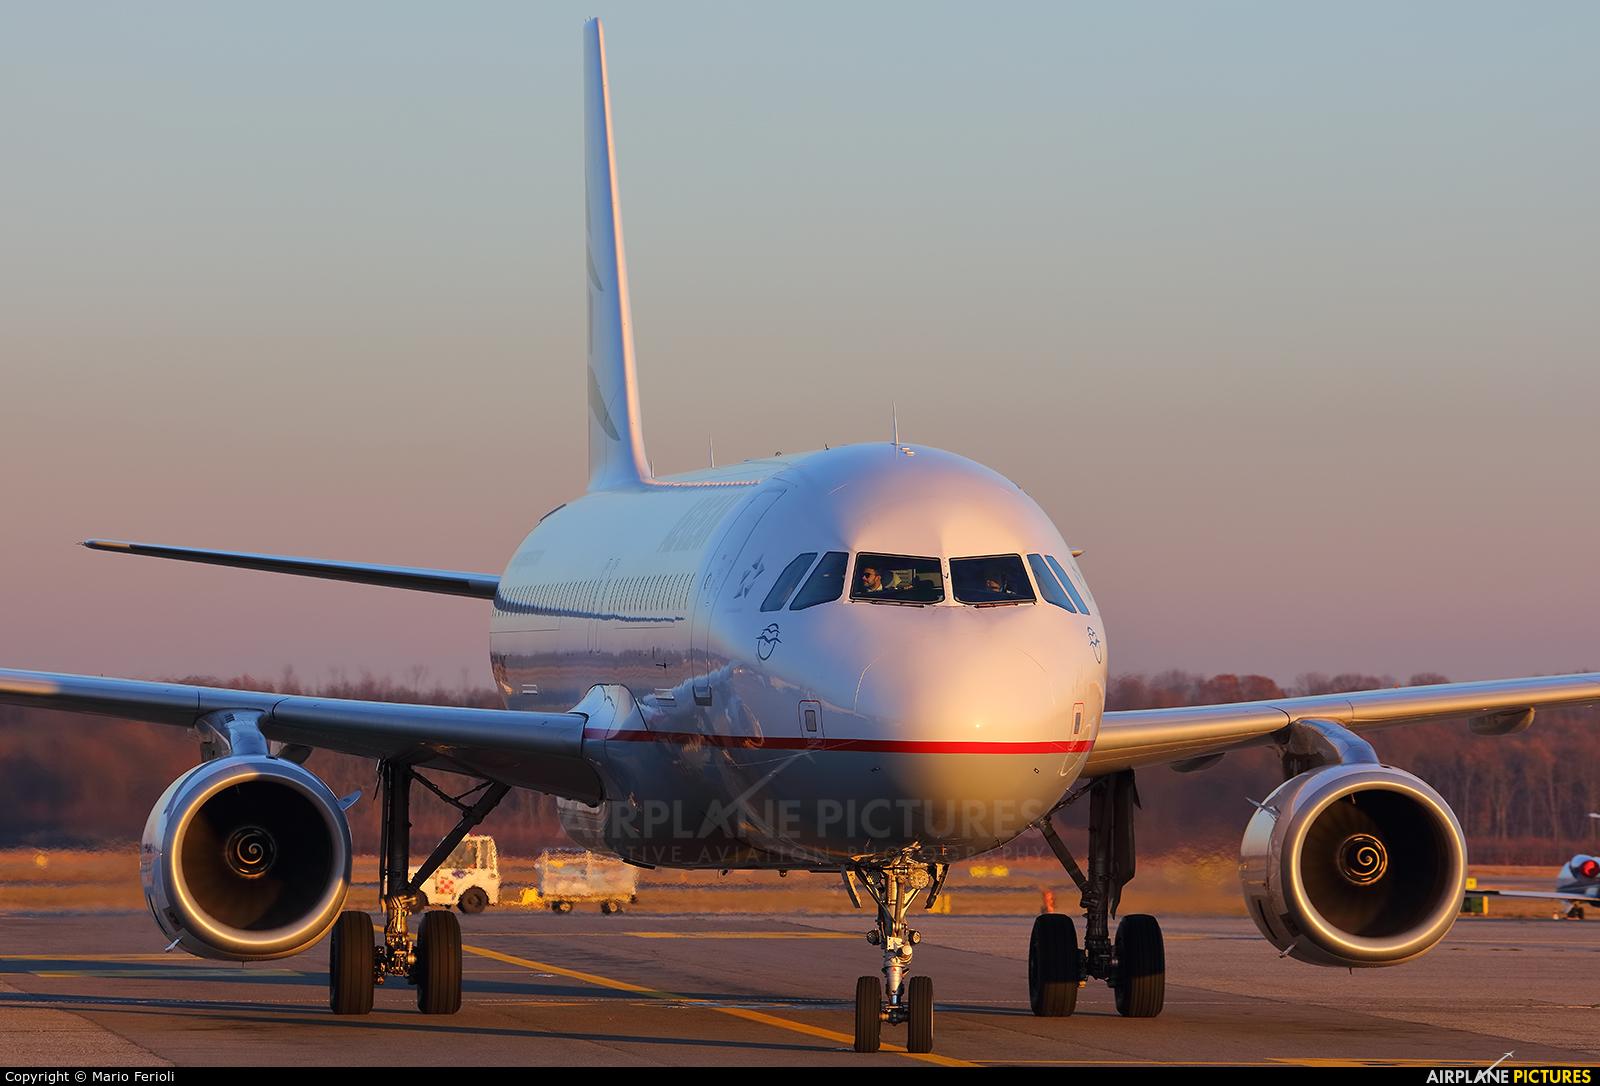 Aegean Airlines SX-DNE aircraft at Milan - Malpensa